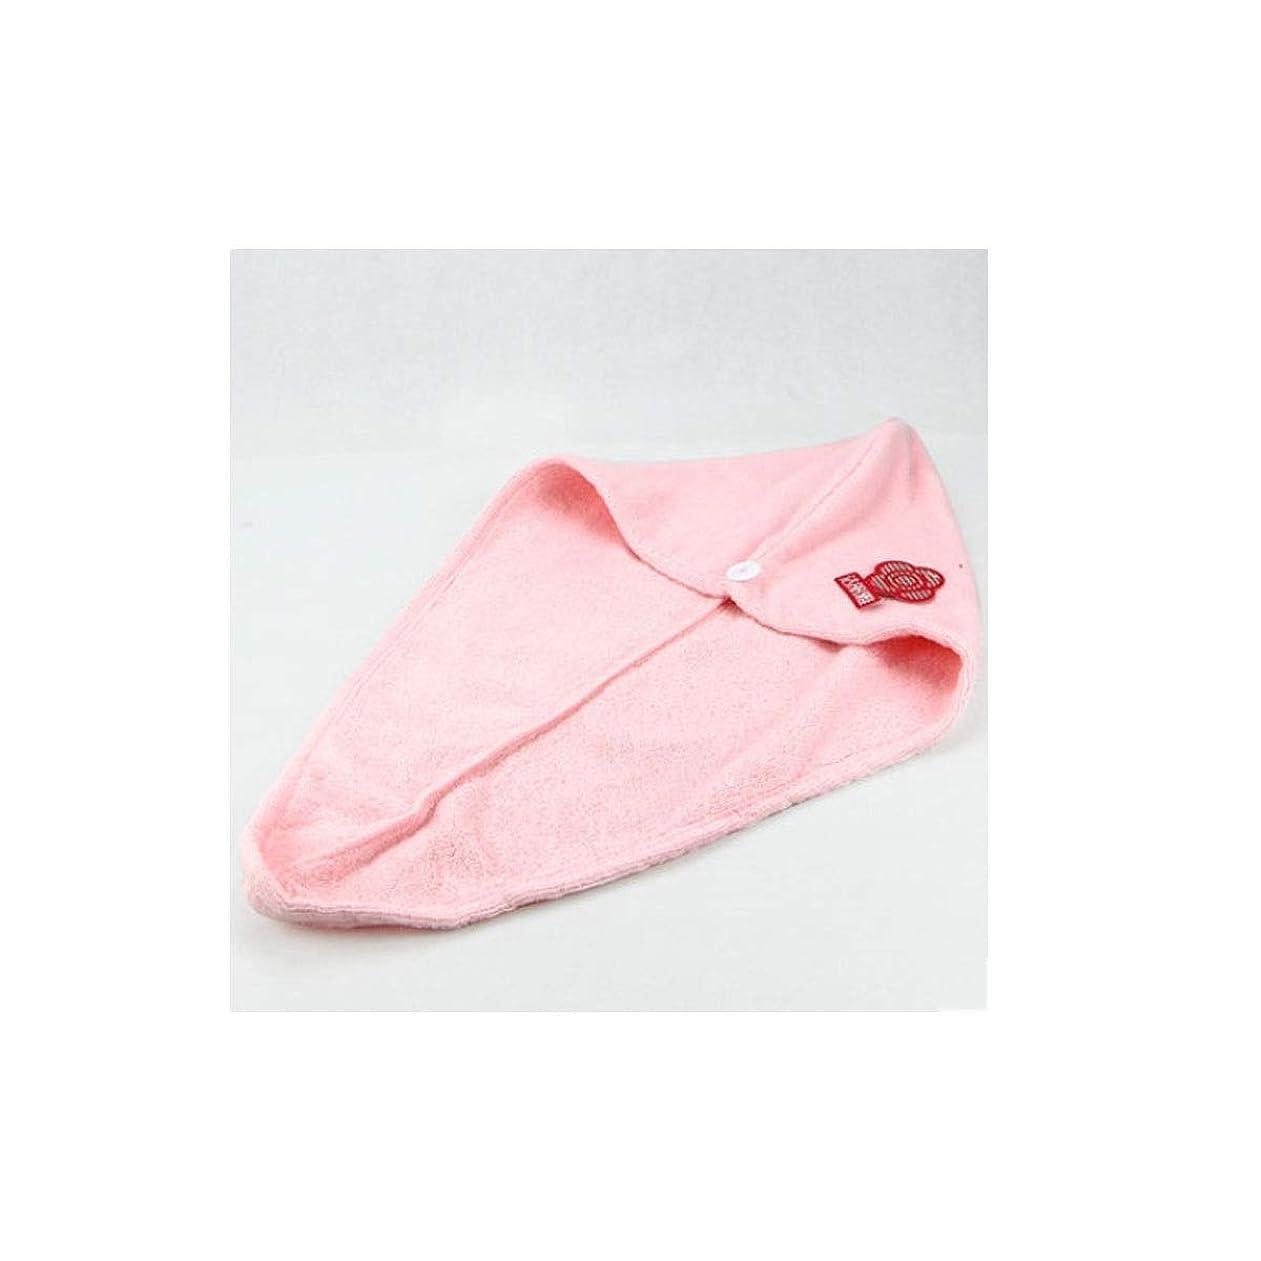 パイプ稼ぐサーマルXiaoNUO 傑李雅ドライヘアーキャップ女性、吸水アーティファクト、速乾性の純赤ロングヘアシャワーキャップ、太いかわいいシャワーキャップ 髪を乾いた状態に保ちます。 (Color : Pink)